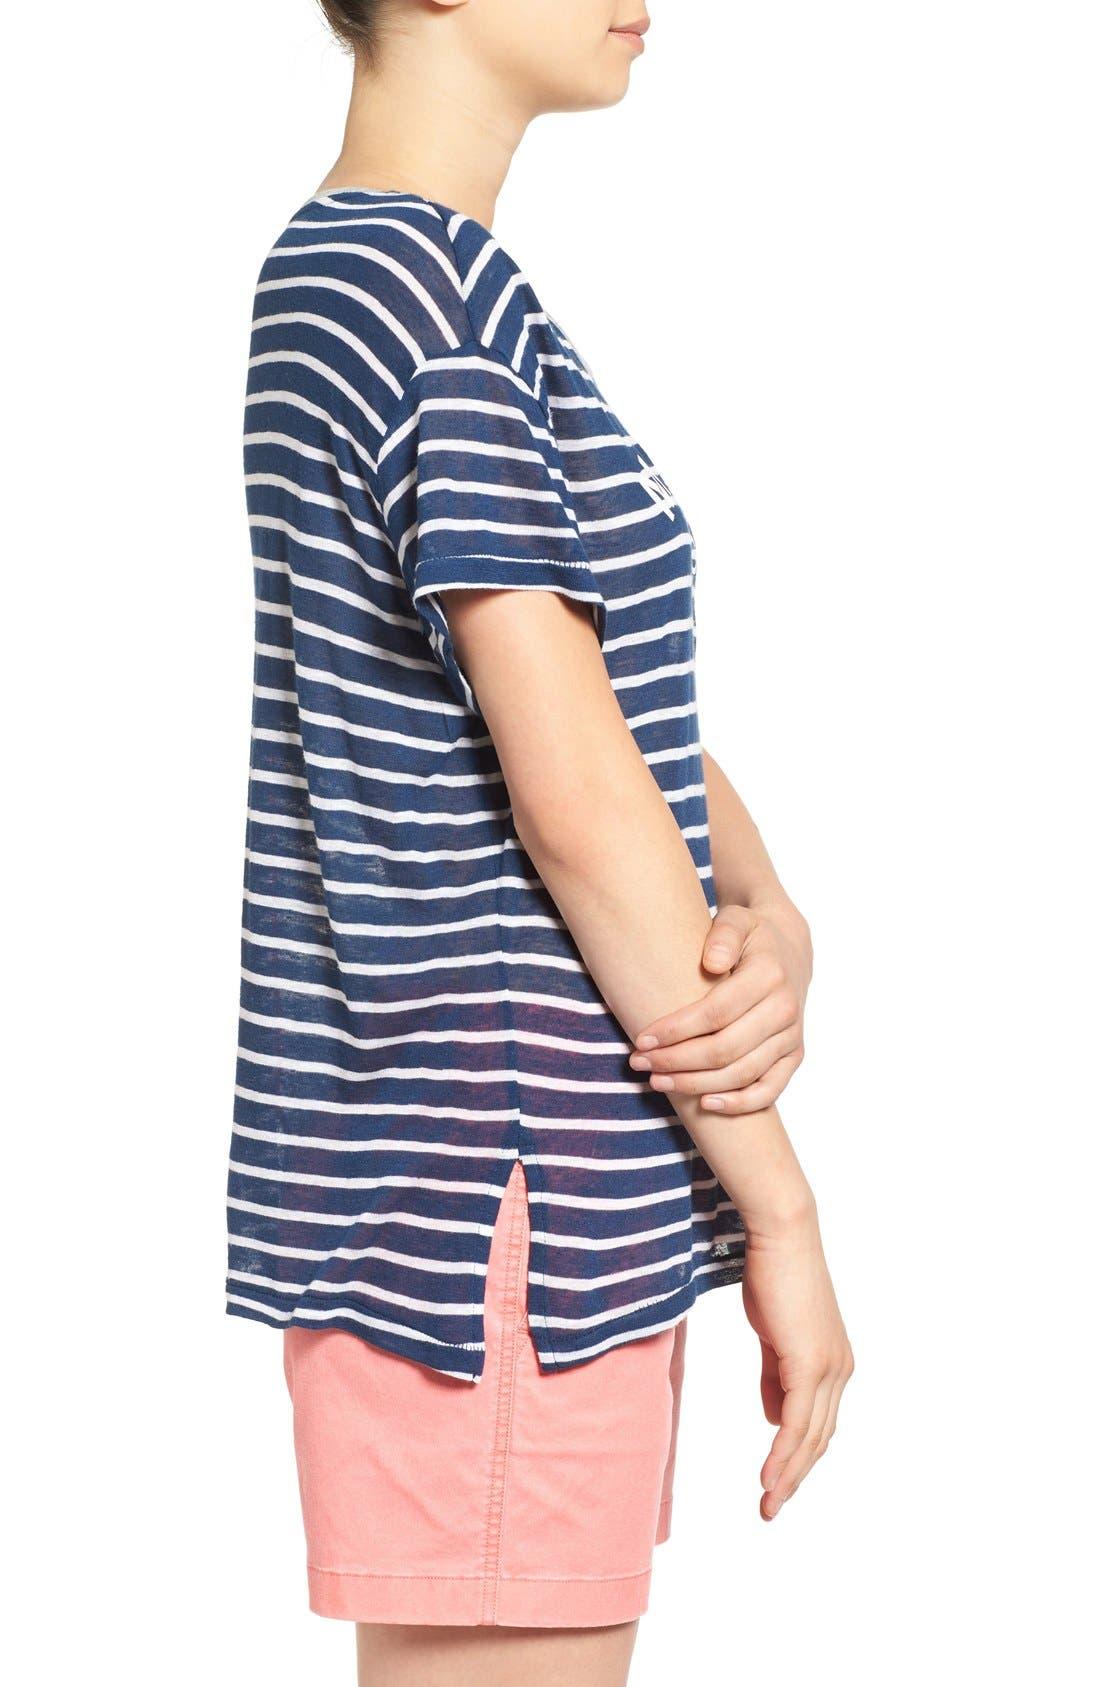 Alternate Image 3  - Sundry 'Mermaid Club' Stripe Tee